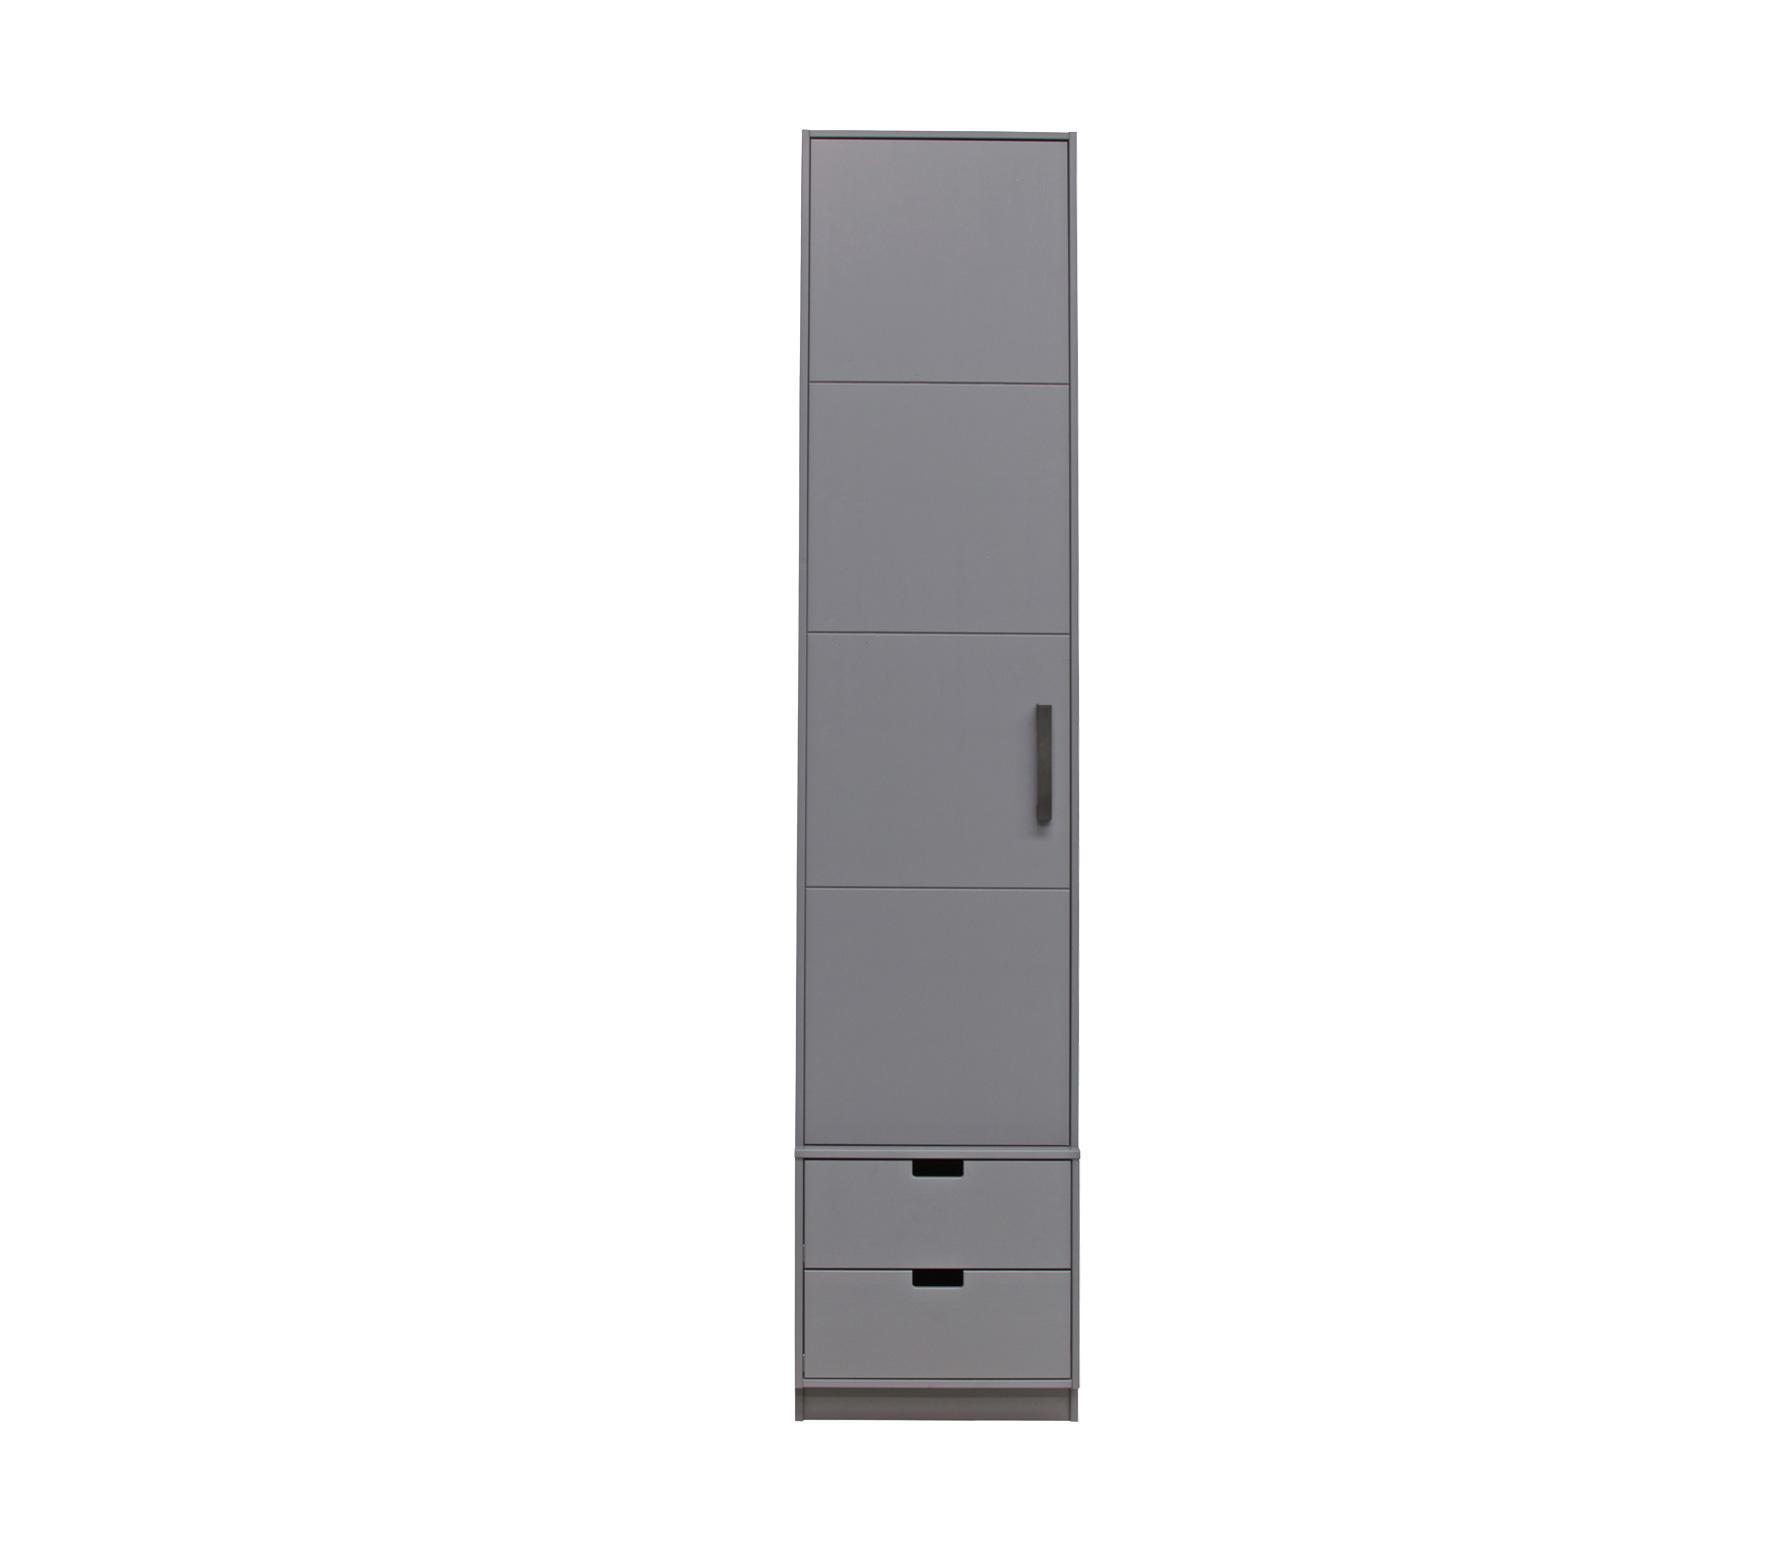 Basiclabel SKIK kast variant 54 (hxbxd) 231x49x62 cm grenen leem Roede met 2 legplanken